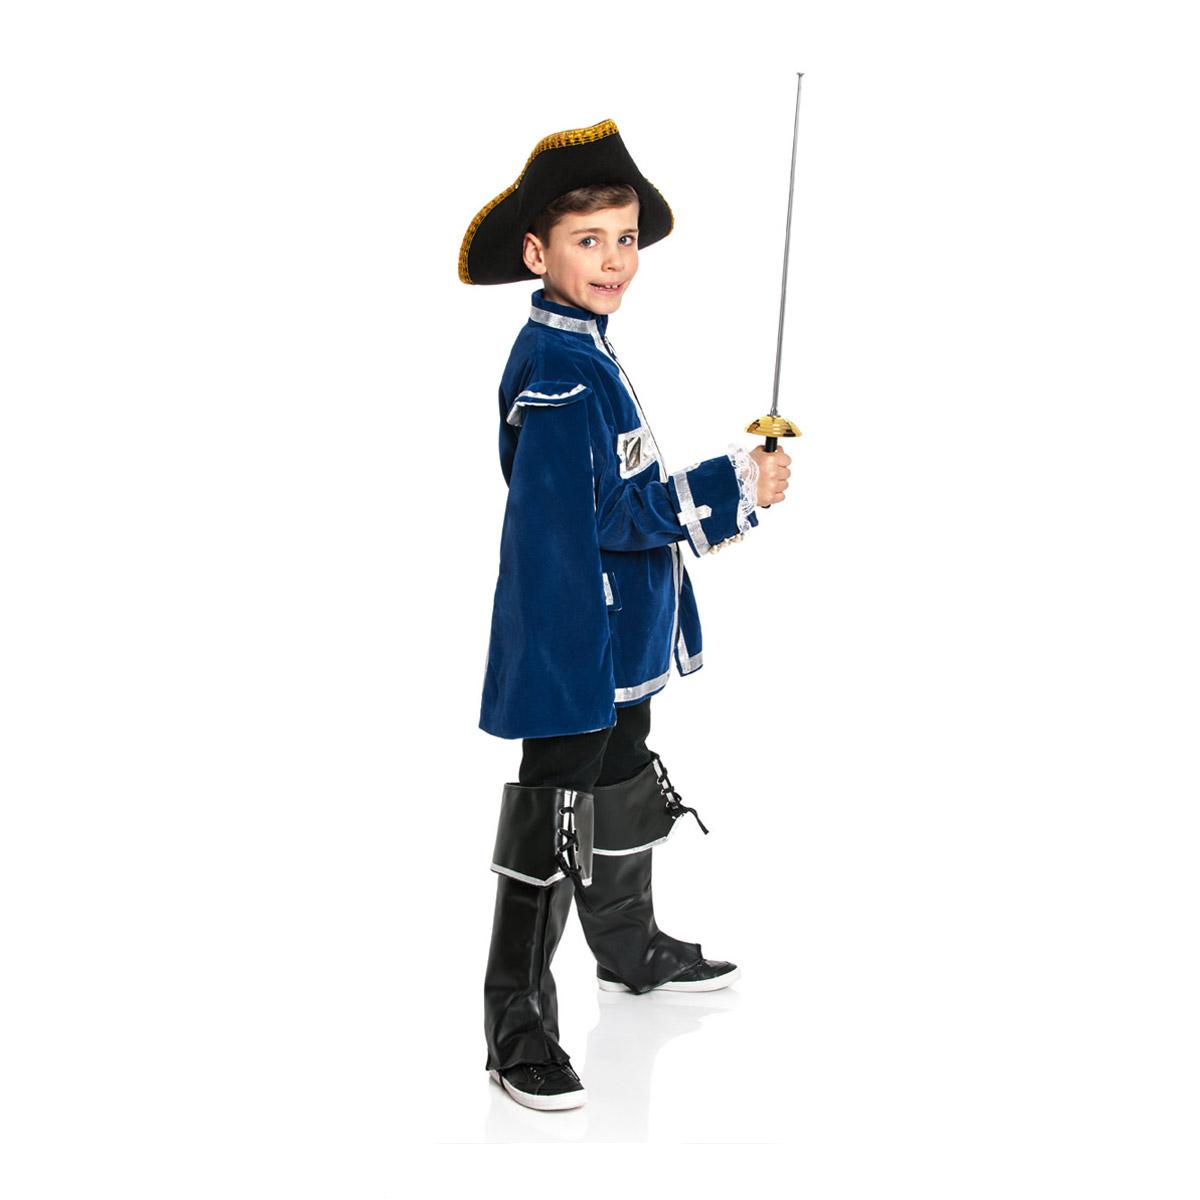 musketier kost m kinder hochwertig inklusive stulpen kost mplanet. Black Bedroom Furniture Sets. Home Design Ideas